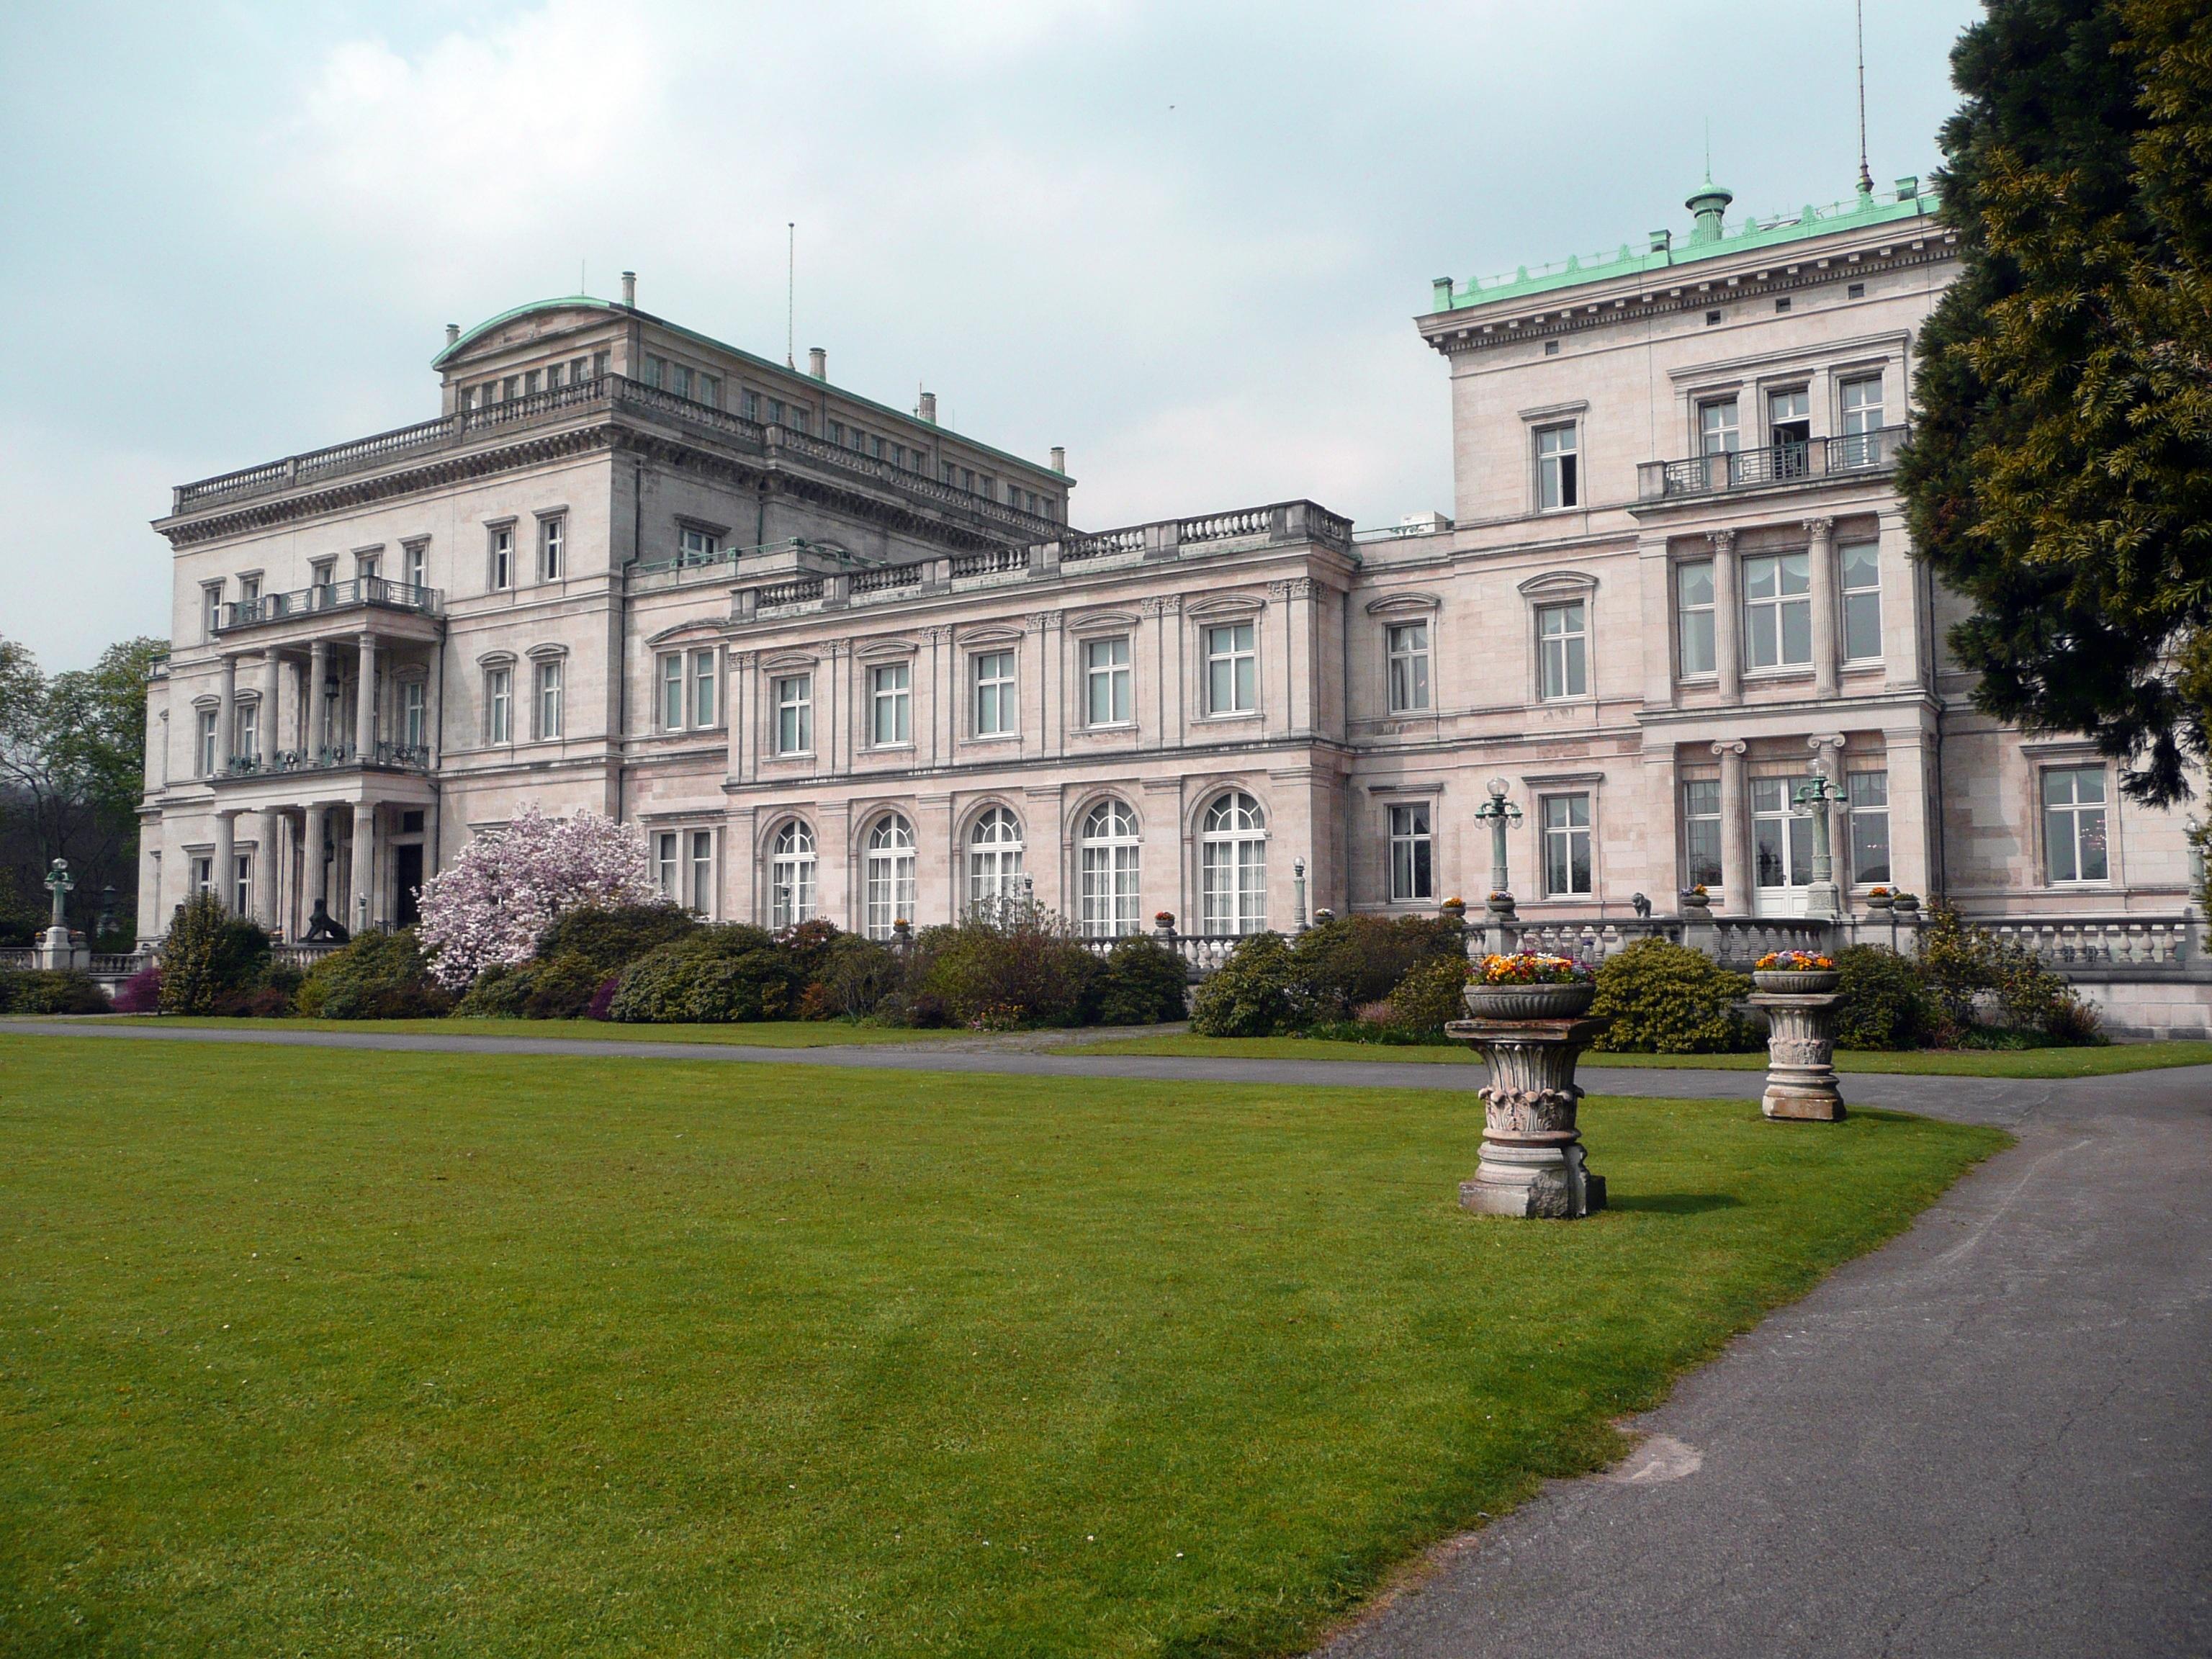 Klassische Stehlen kostenlose foto die architektur gebäude chateau palast stehlen